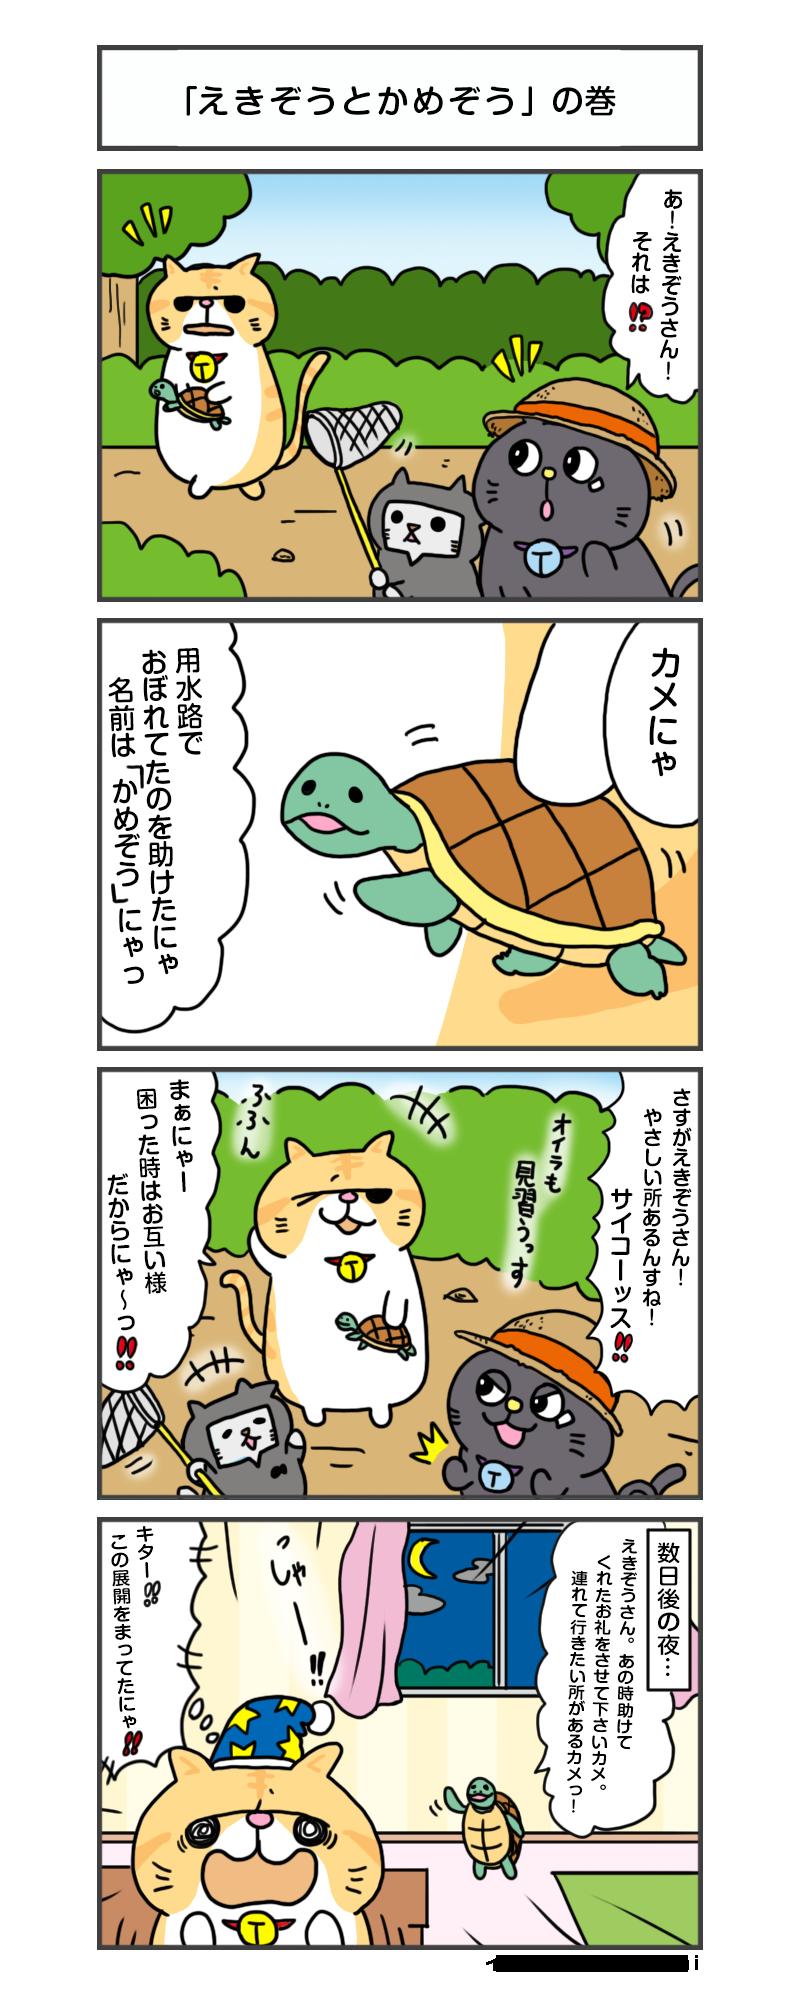 えきぞうマンガ_vol.56